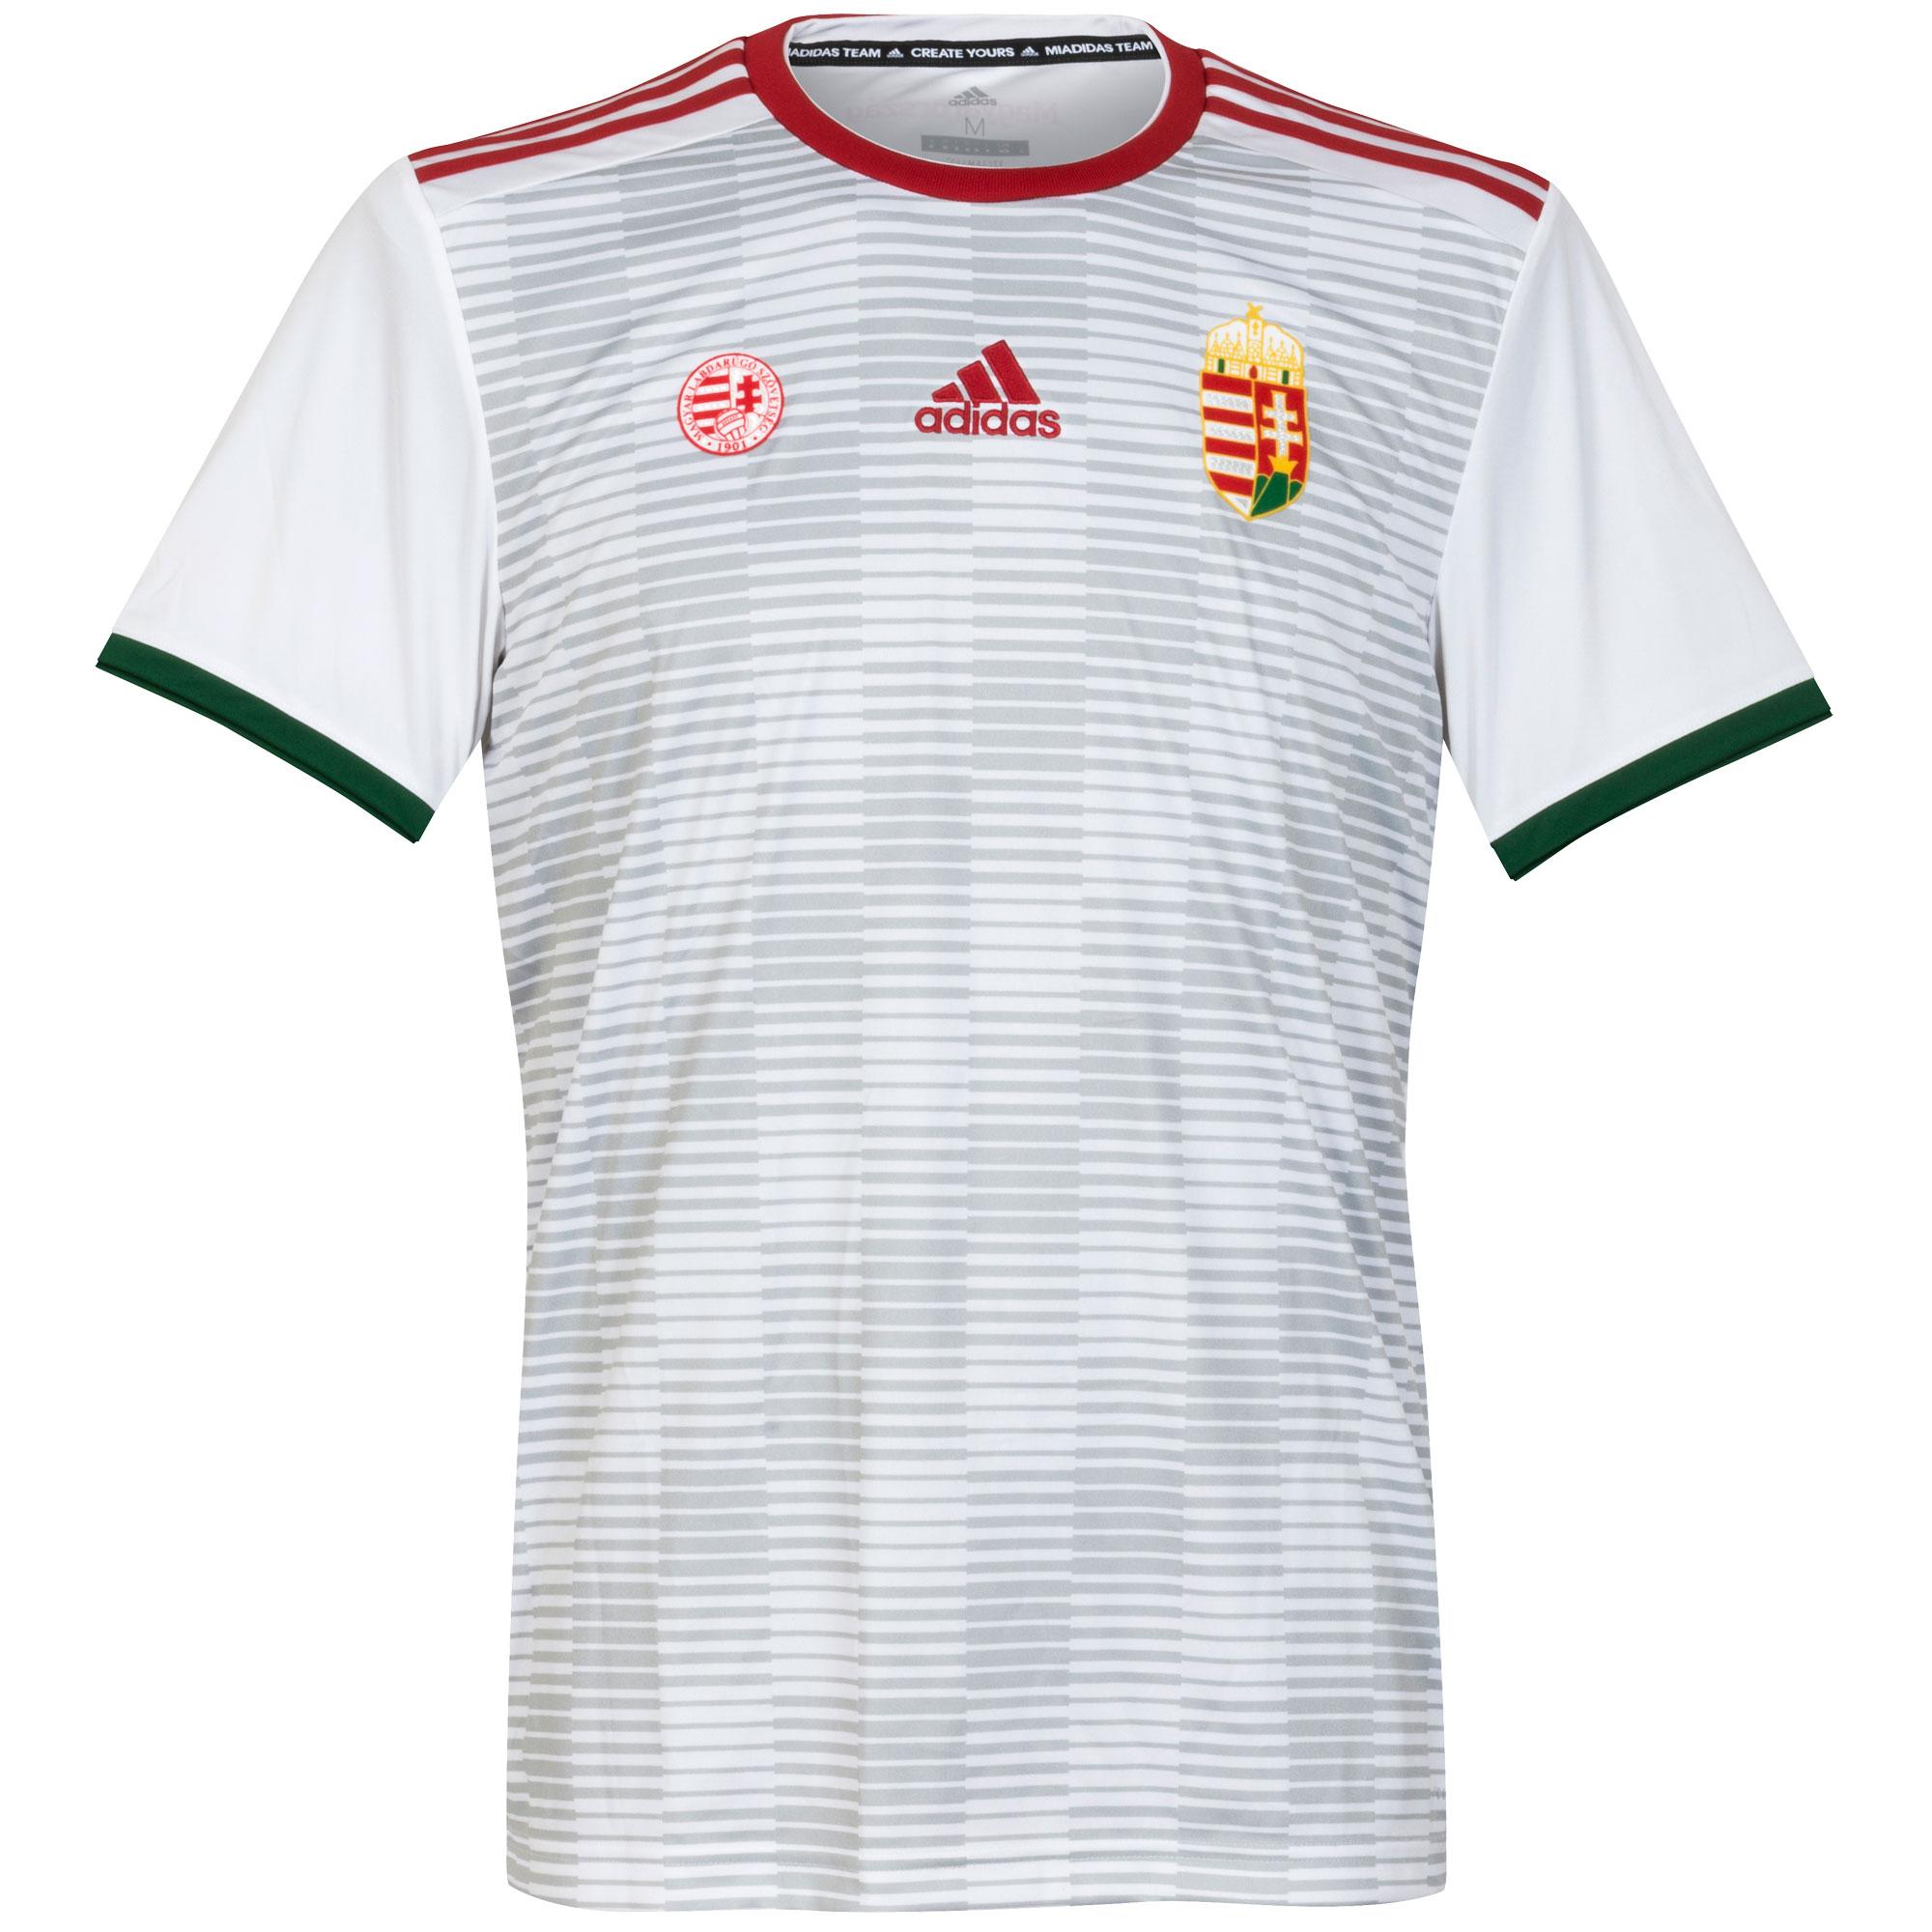 Hungary Away Shirt 2018 2019 - 46